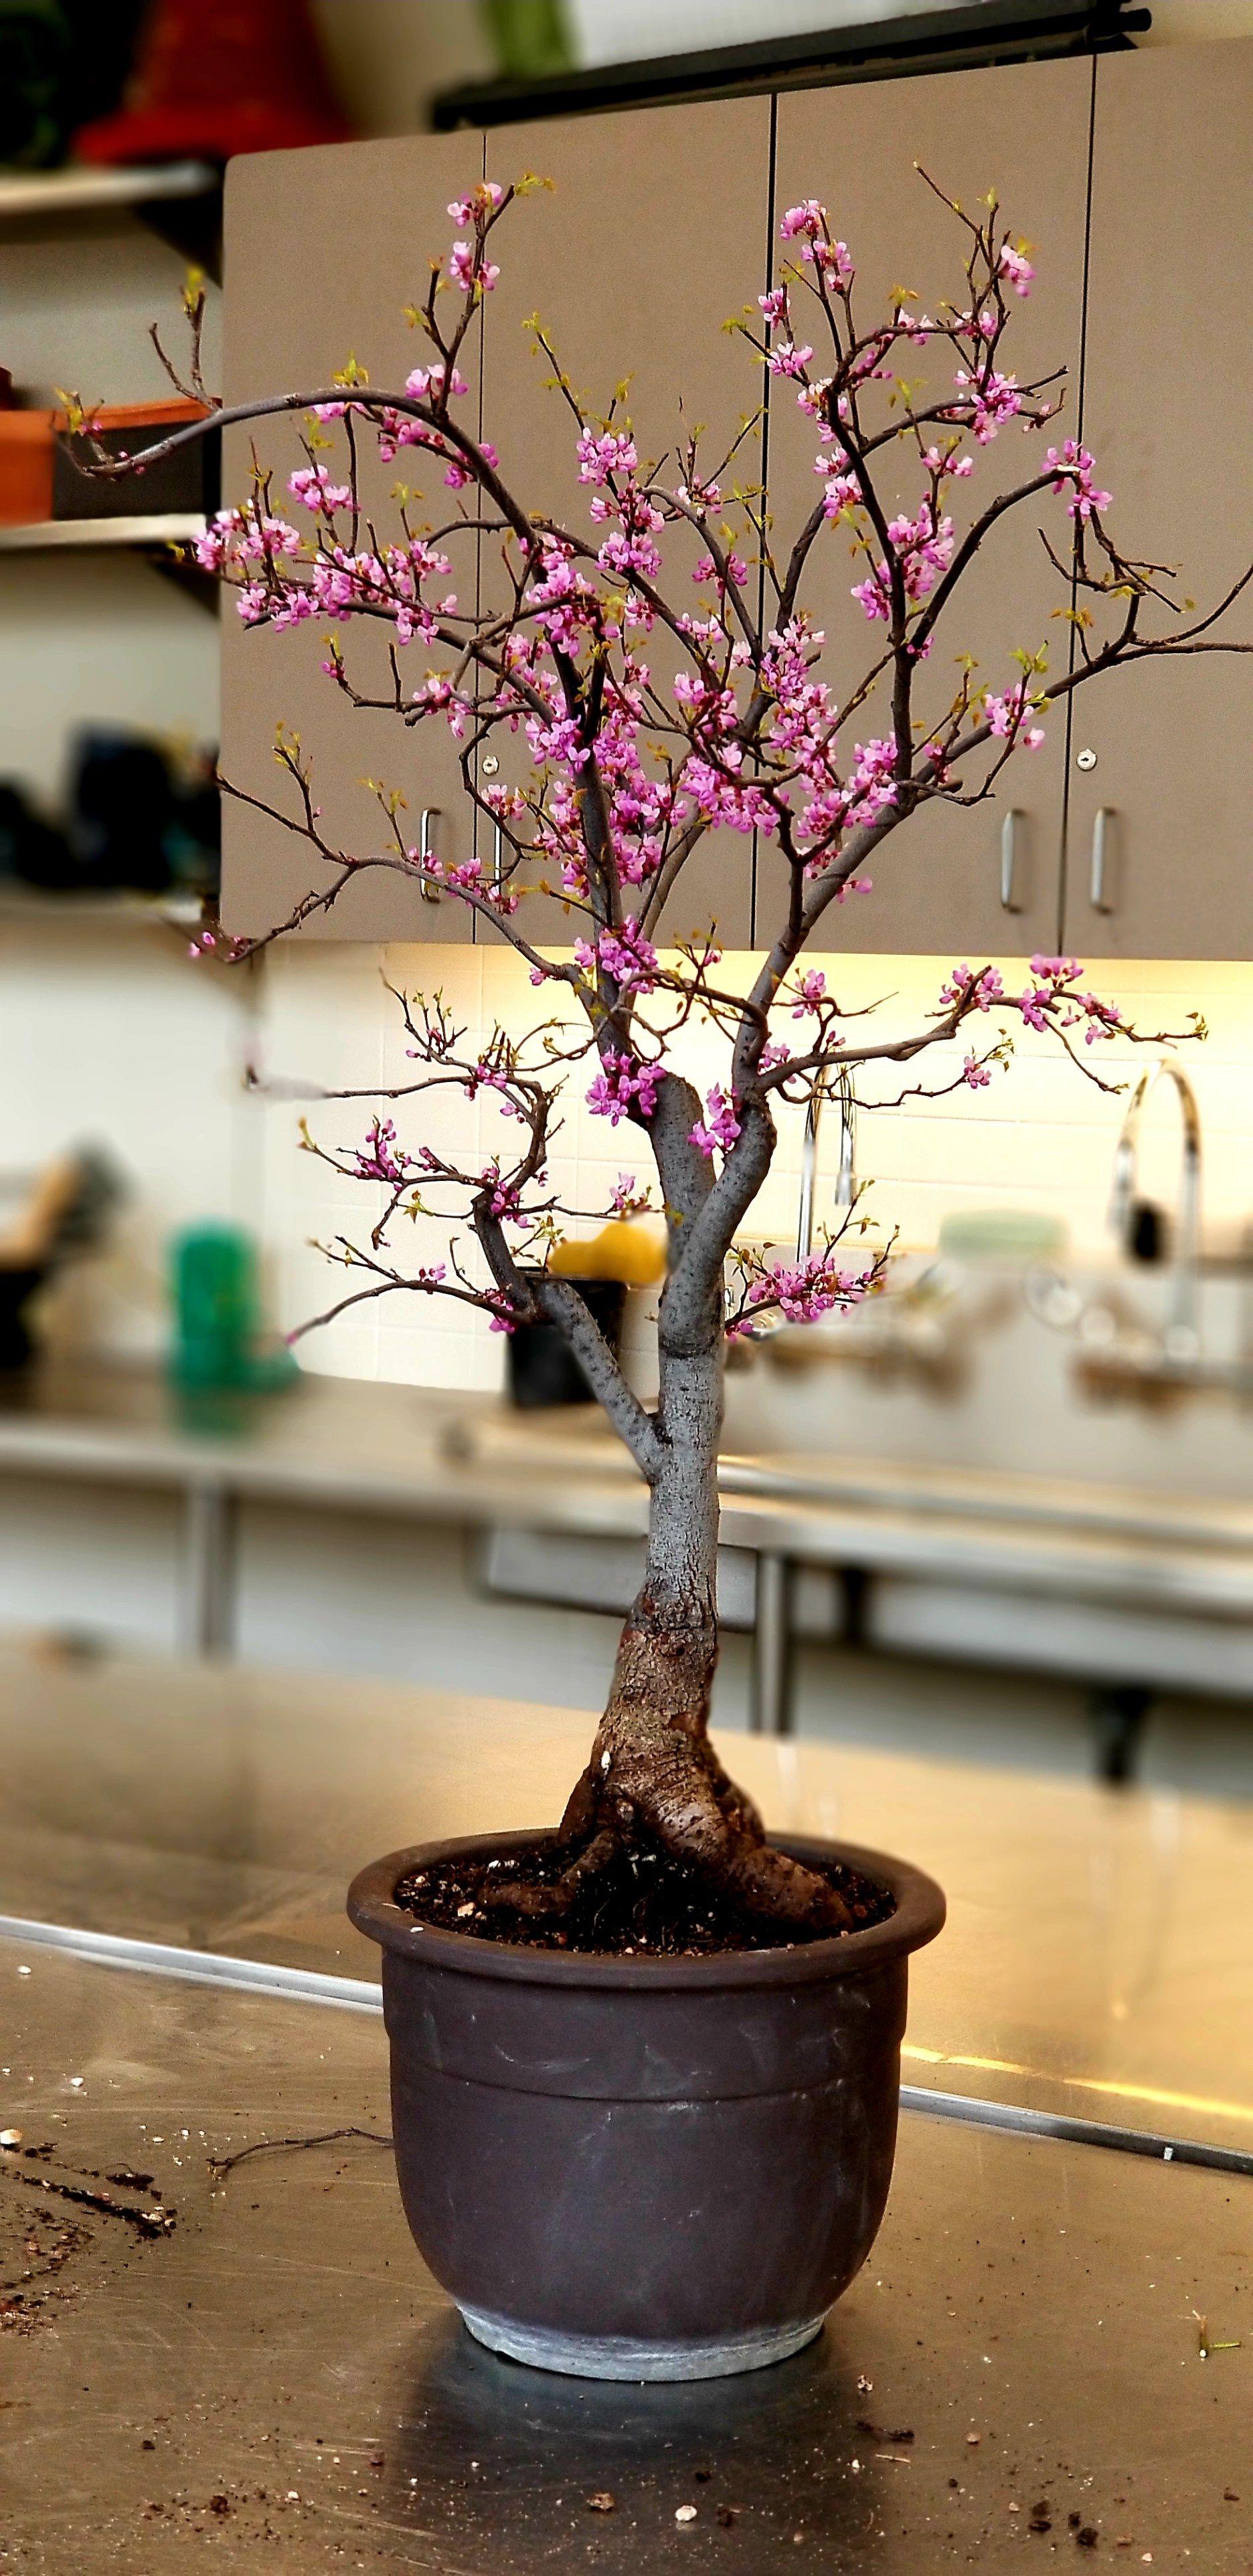 Cercis Canadensis Redbud Bonsai Bonsai Tree Bonsai Techniques Redbud Tree